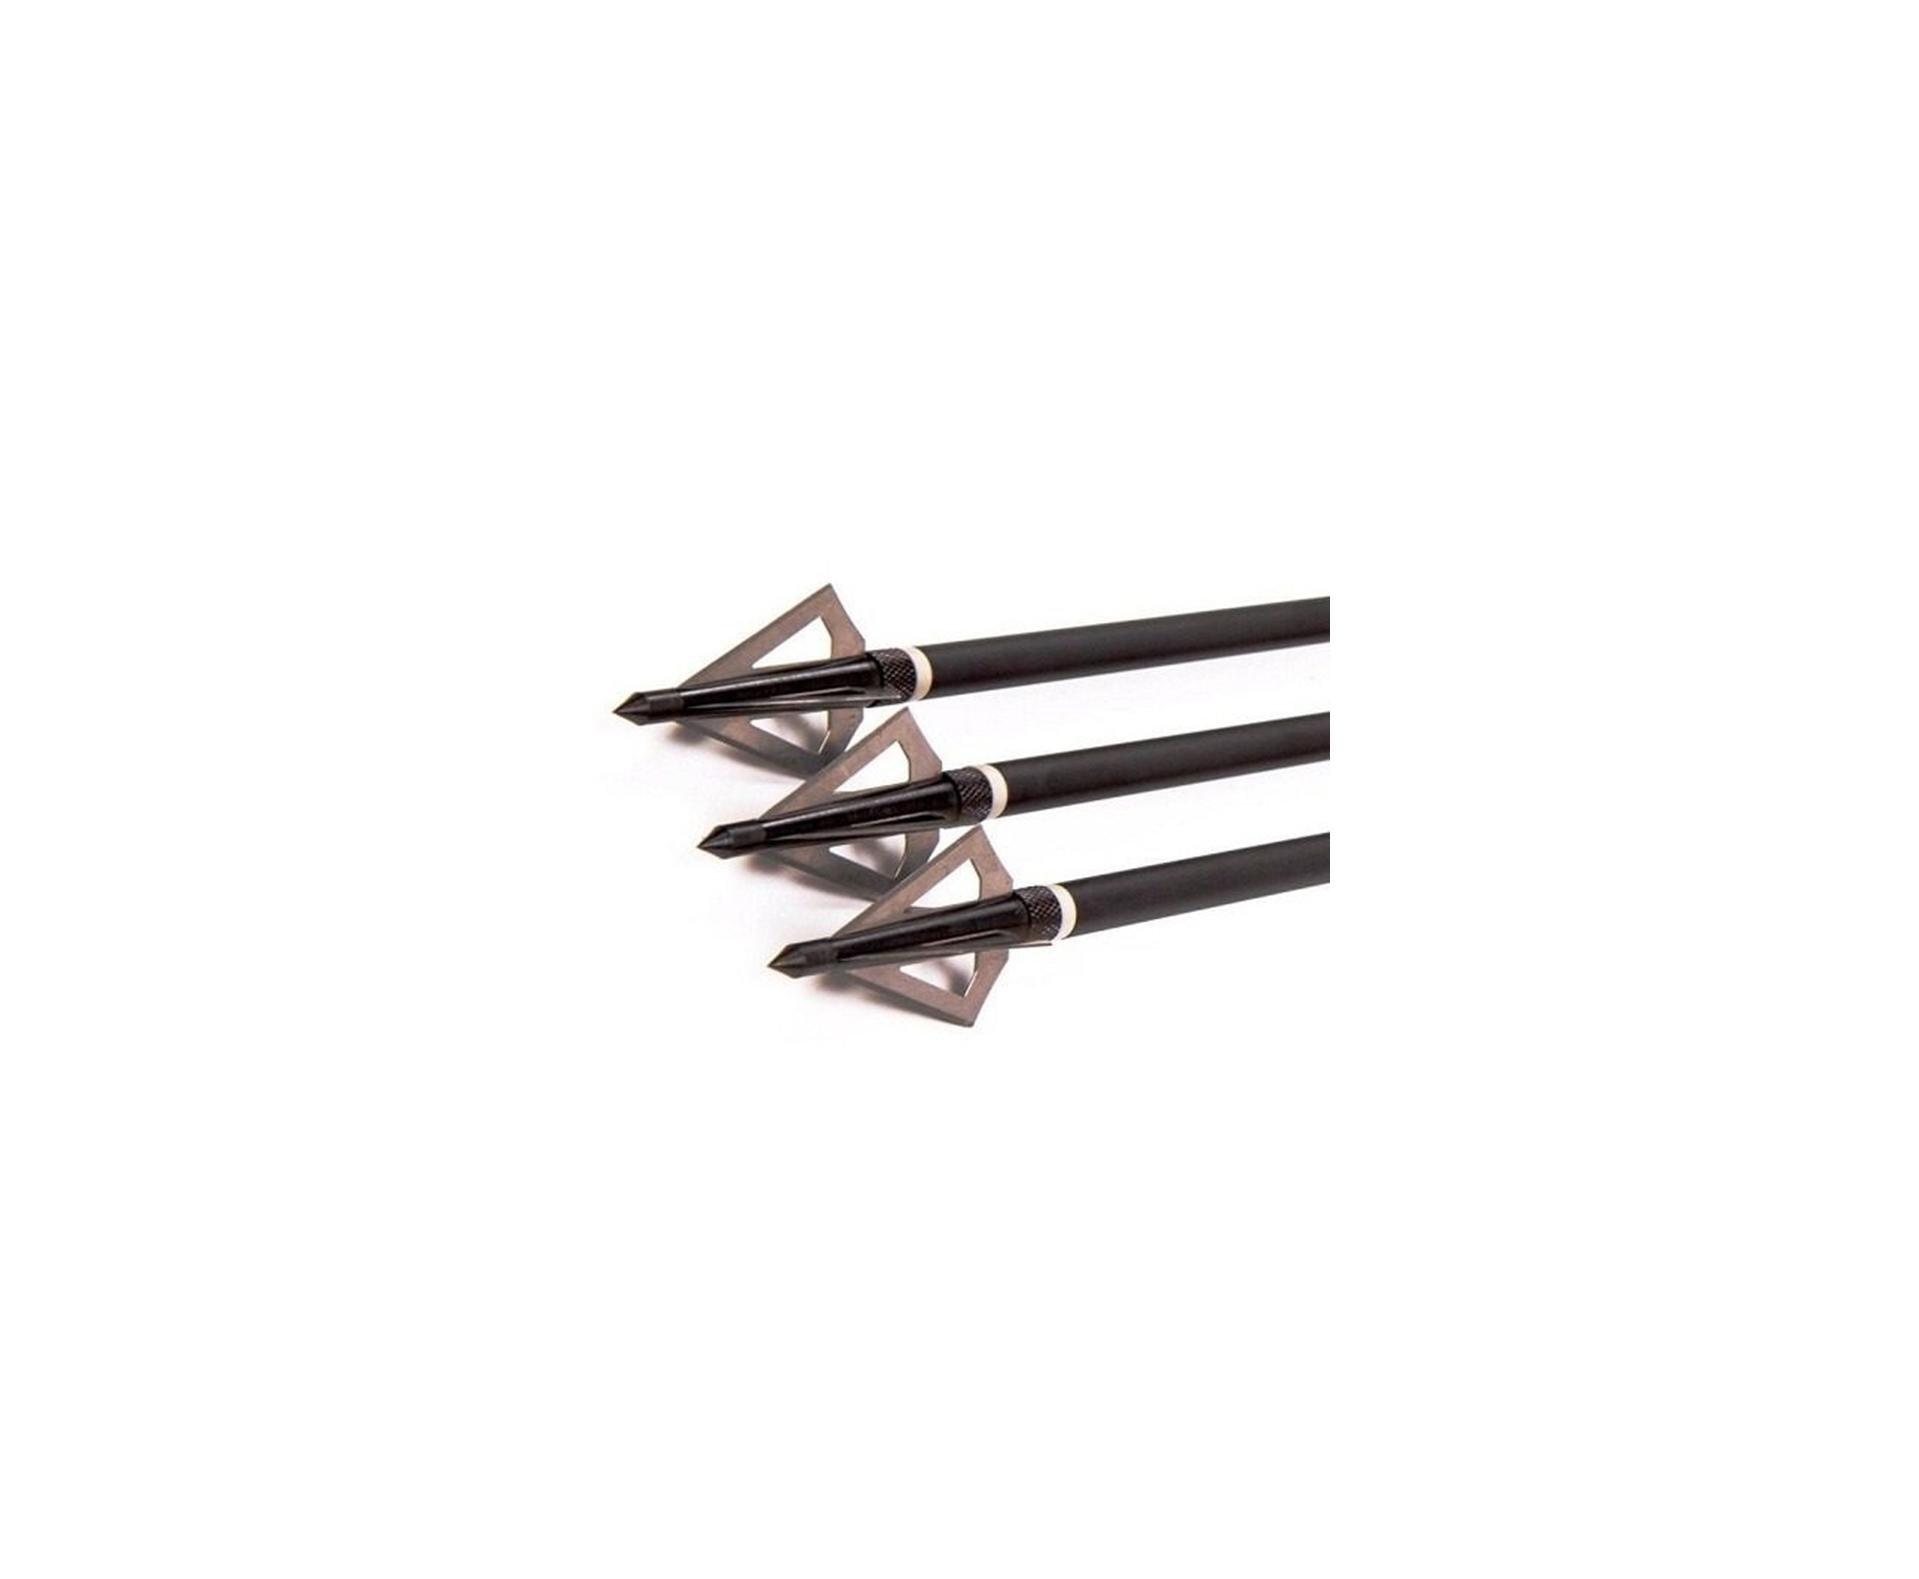 Ponteira De Caça Rosqueável - Metal 3 Lâminas - Cartela Com 3 Unidades